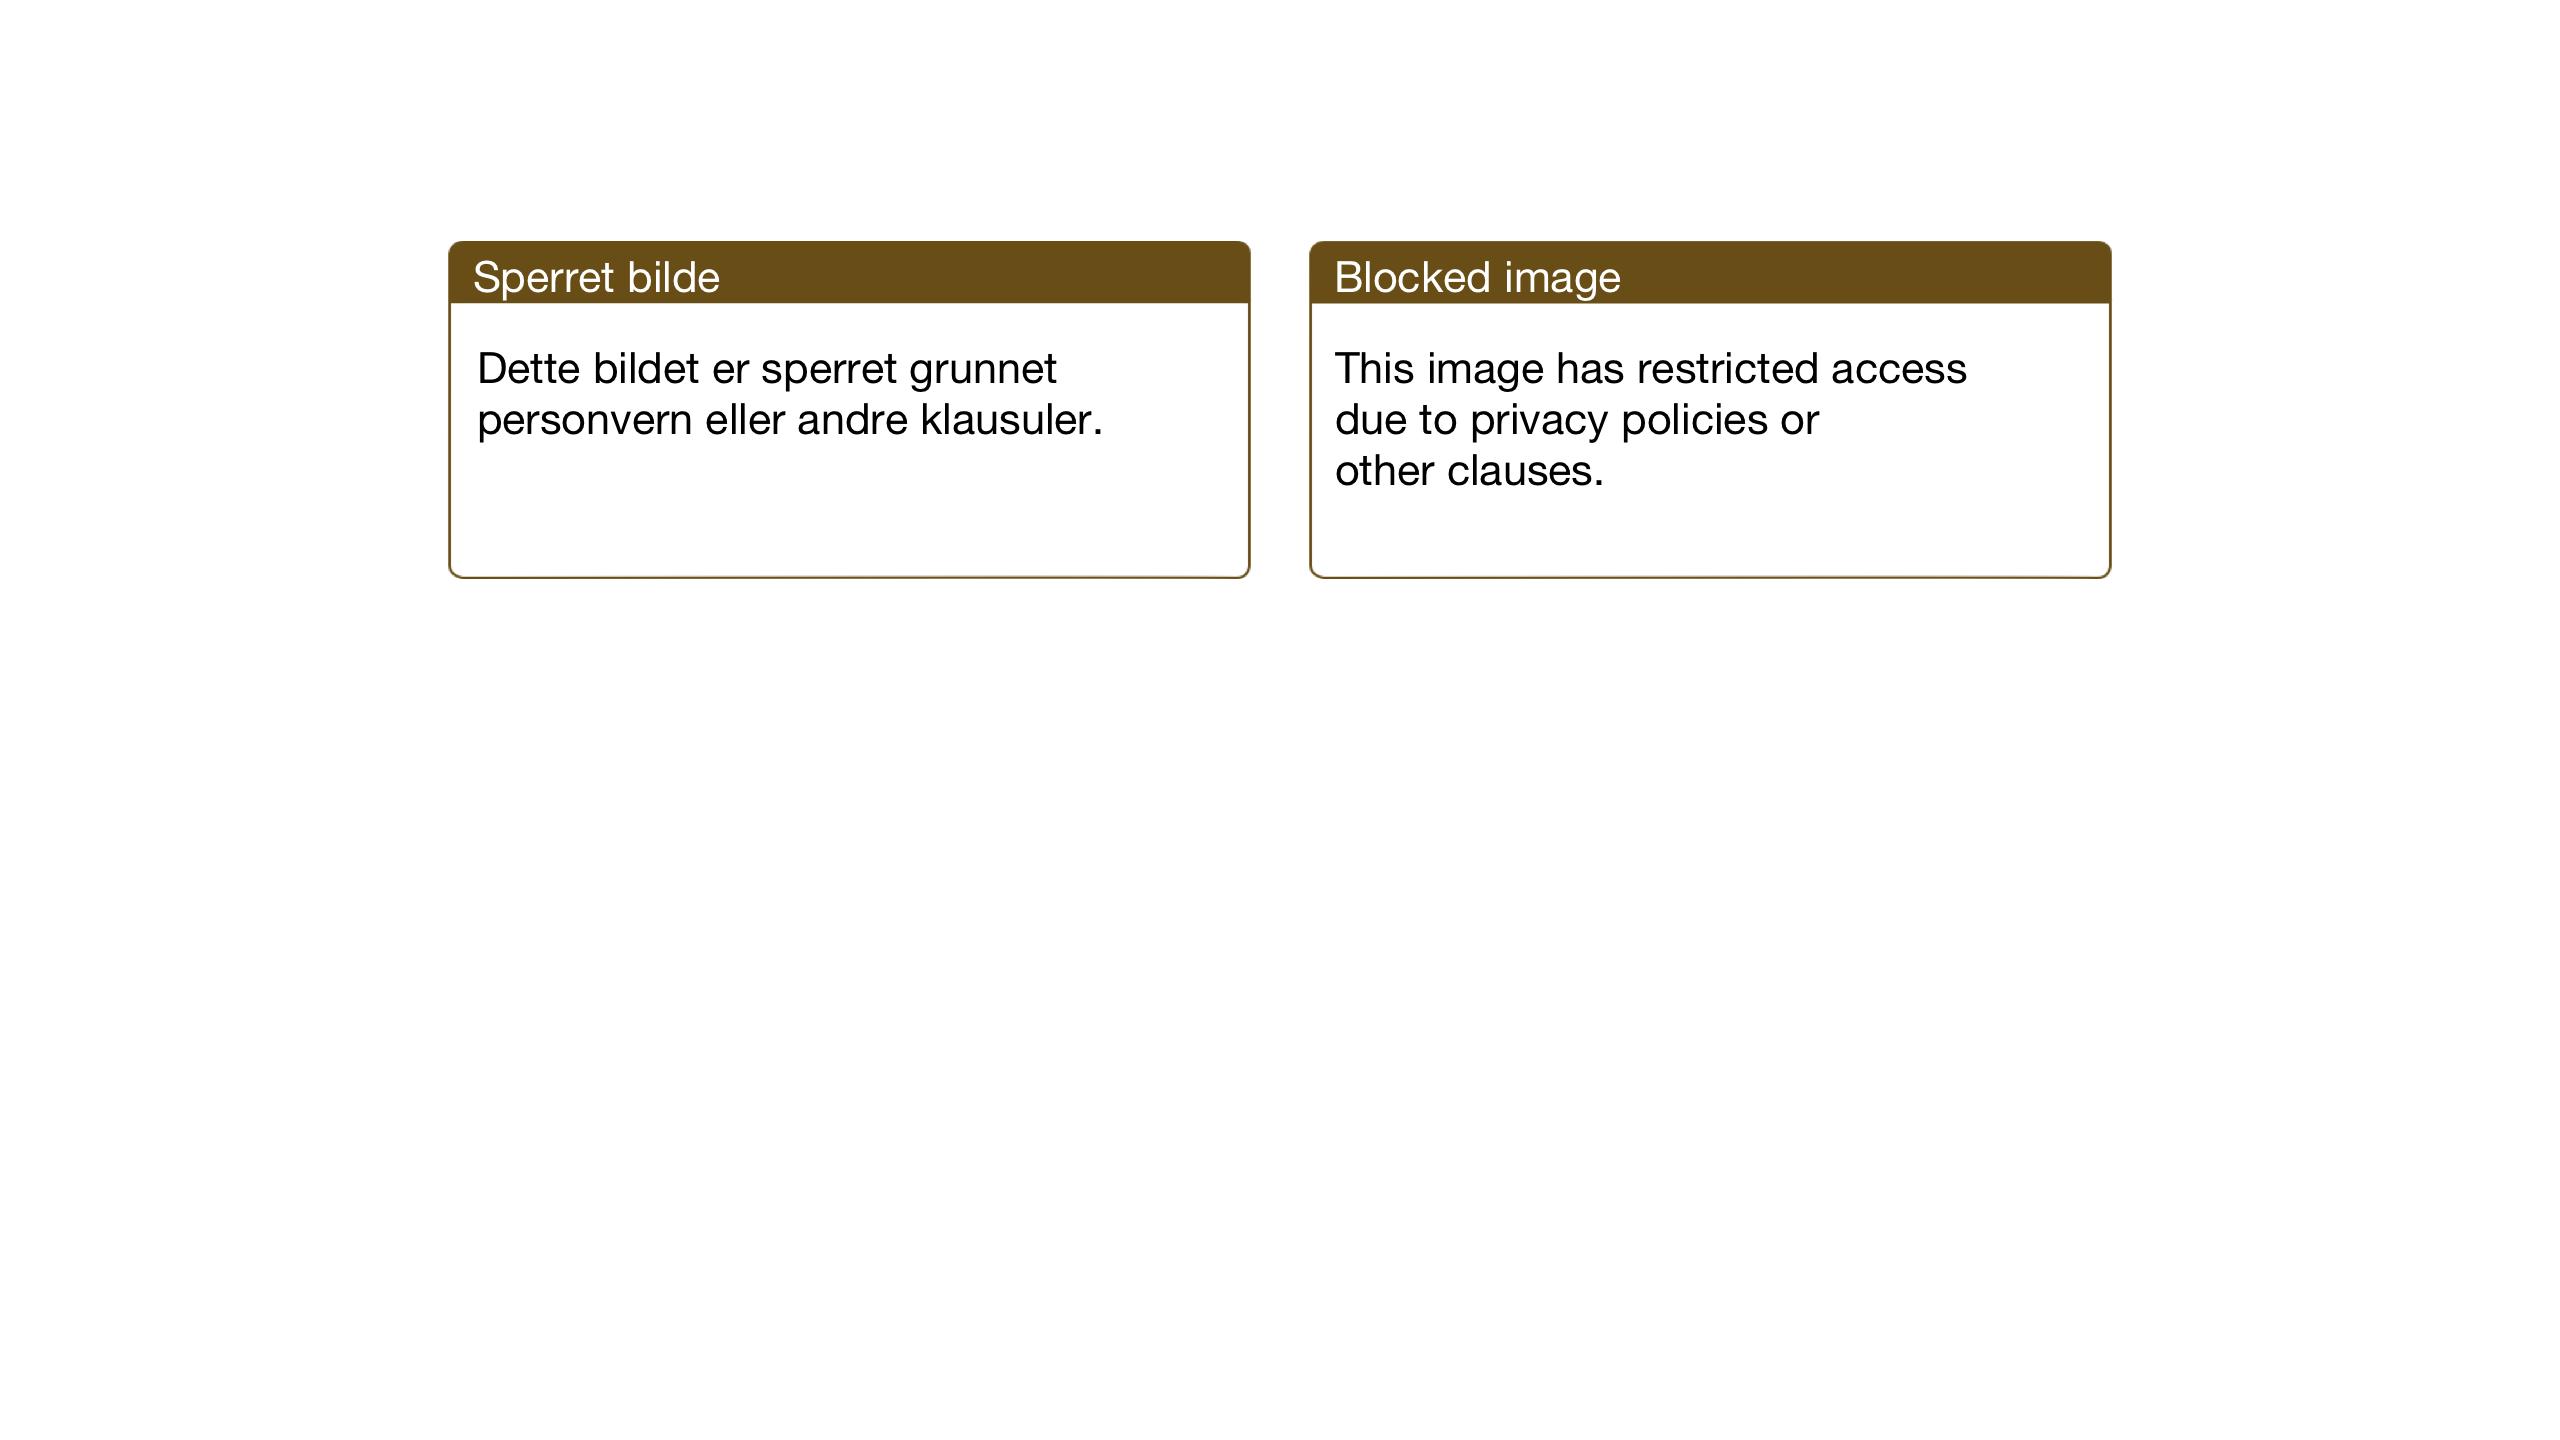 SAT, Ministerialprotokoller, klokkerbøker og fødselsregistre - Sør-Trøndelag, 682/L0947: Klokkerbok nr. 682C01, 1926-1968, s. 138